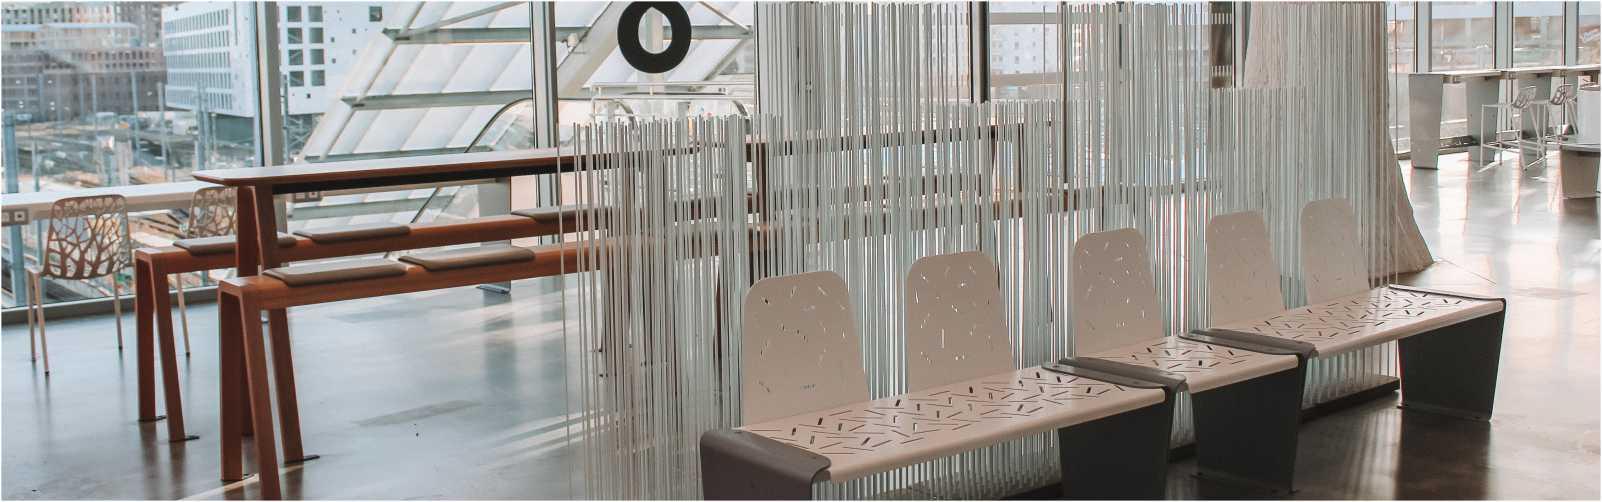 la gare de Nantes équipée de mobiliers connectés LUD